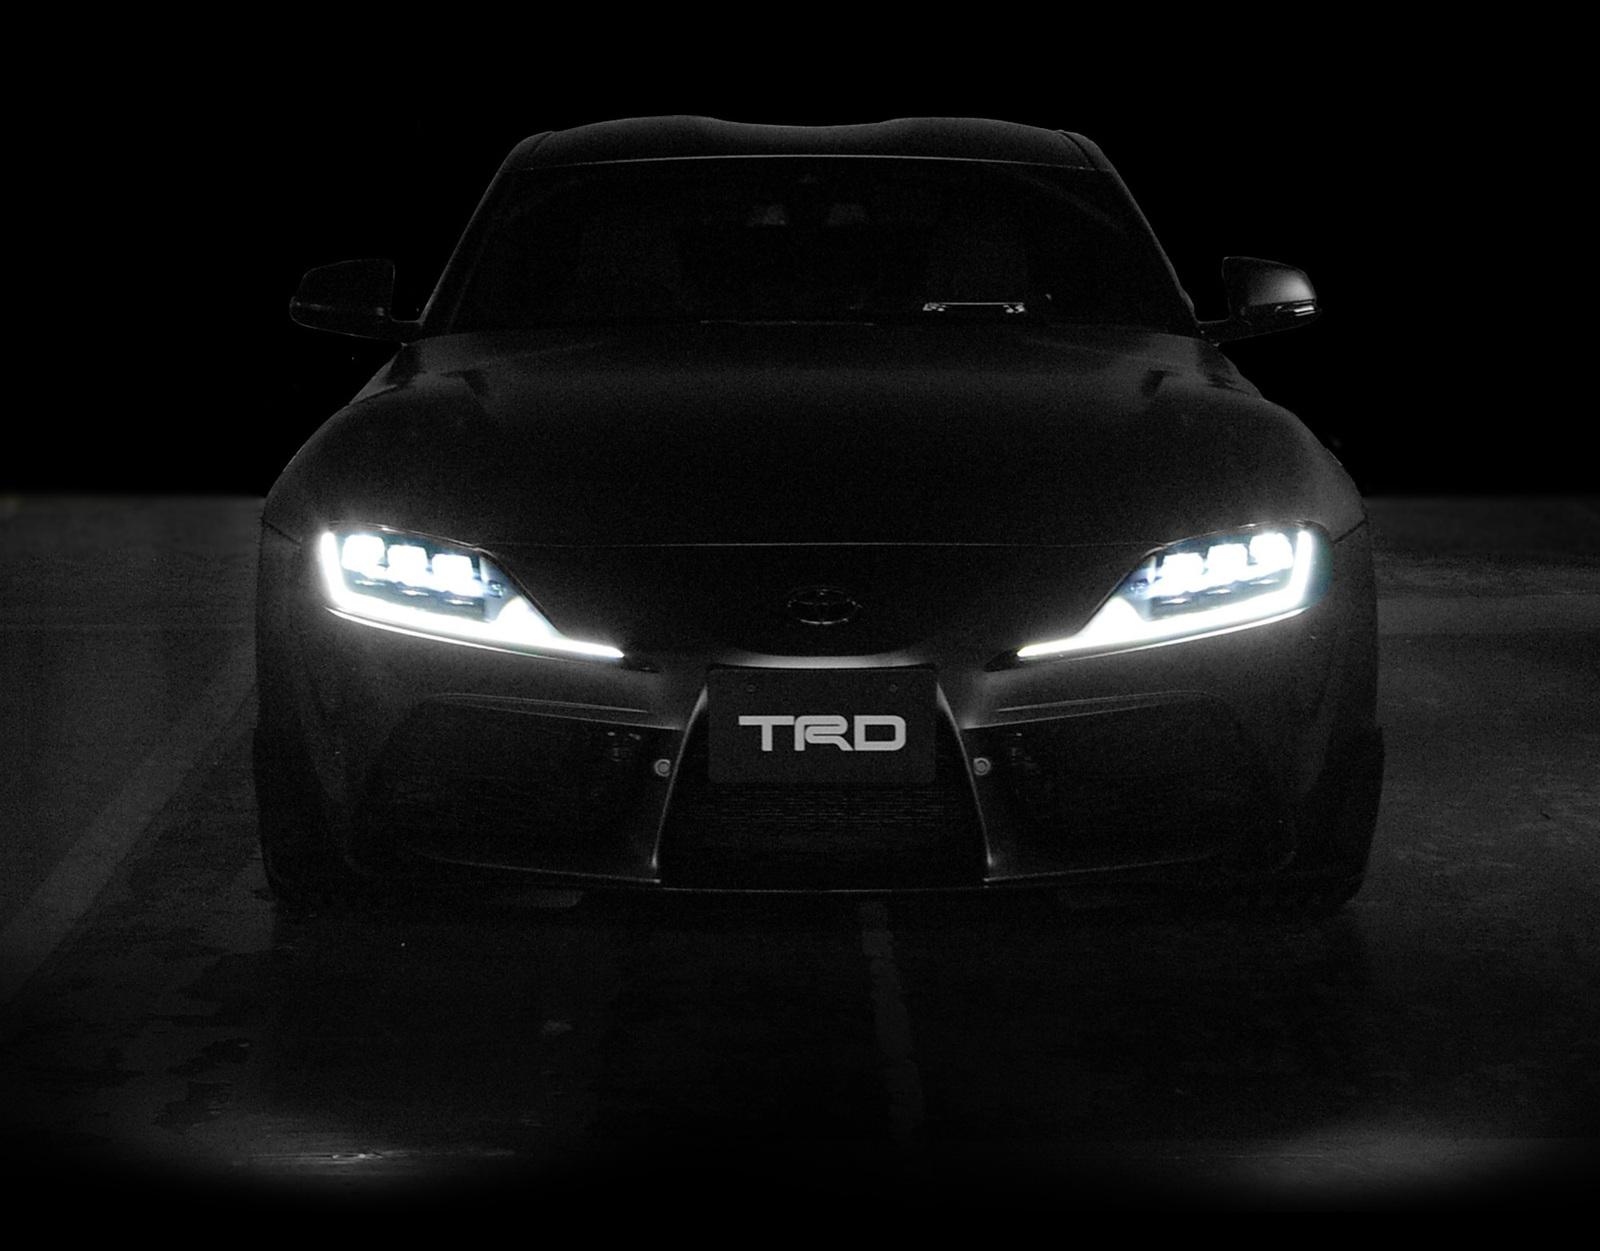 Toyota_Supra_TRD_Concept_0015